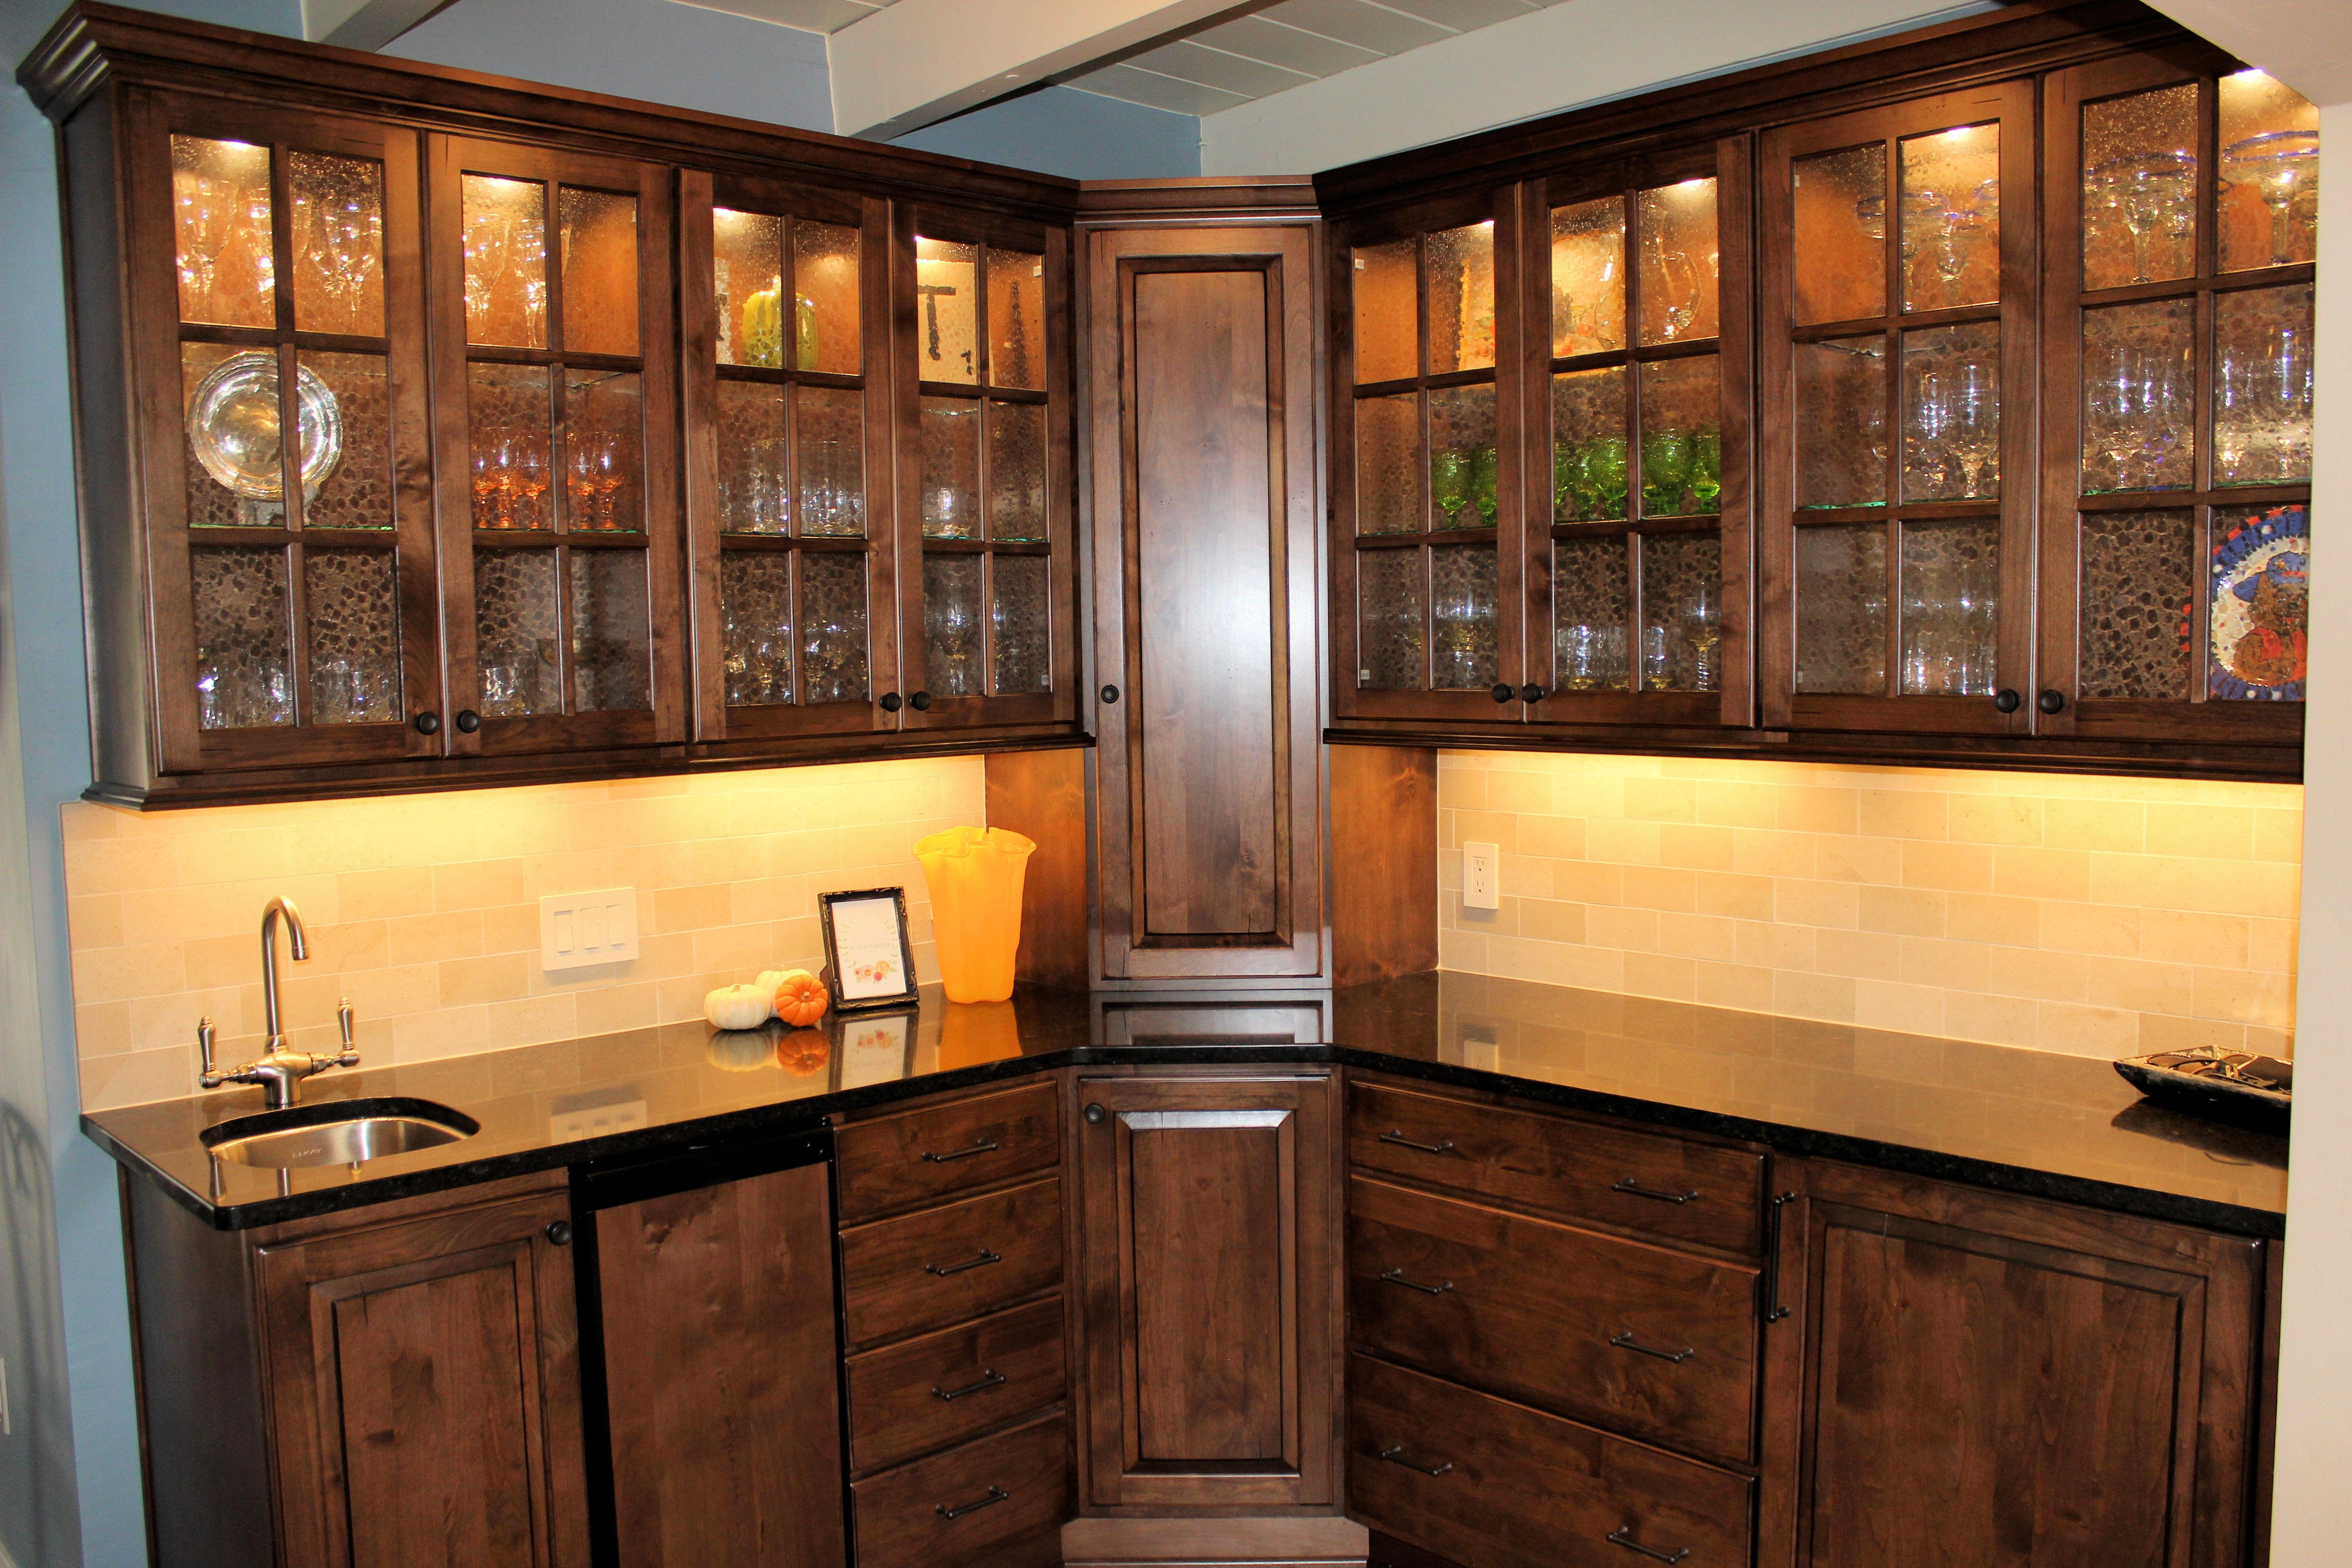 Kitchen Concepts image 3